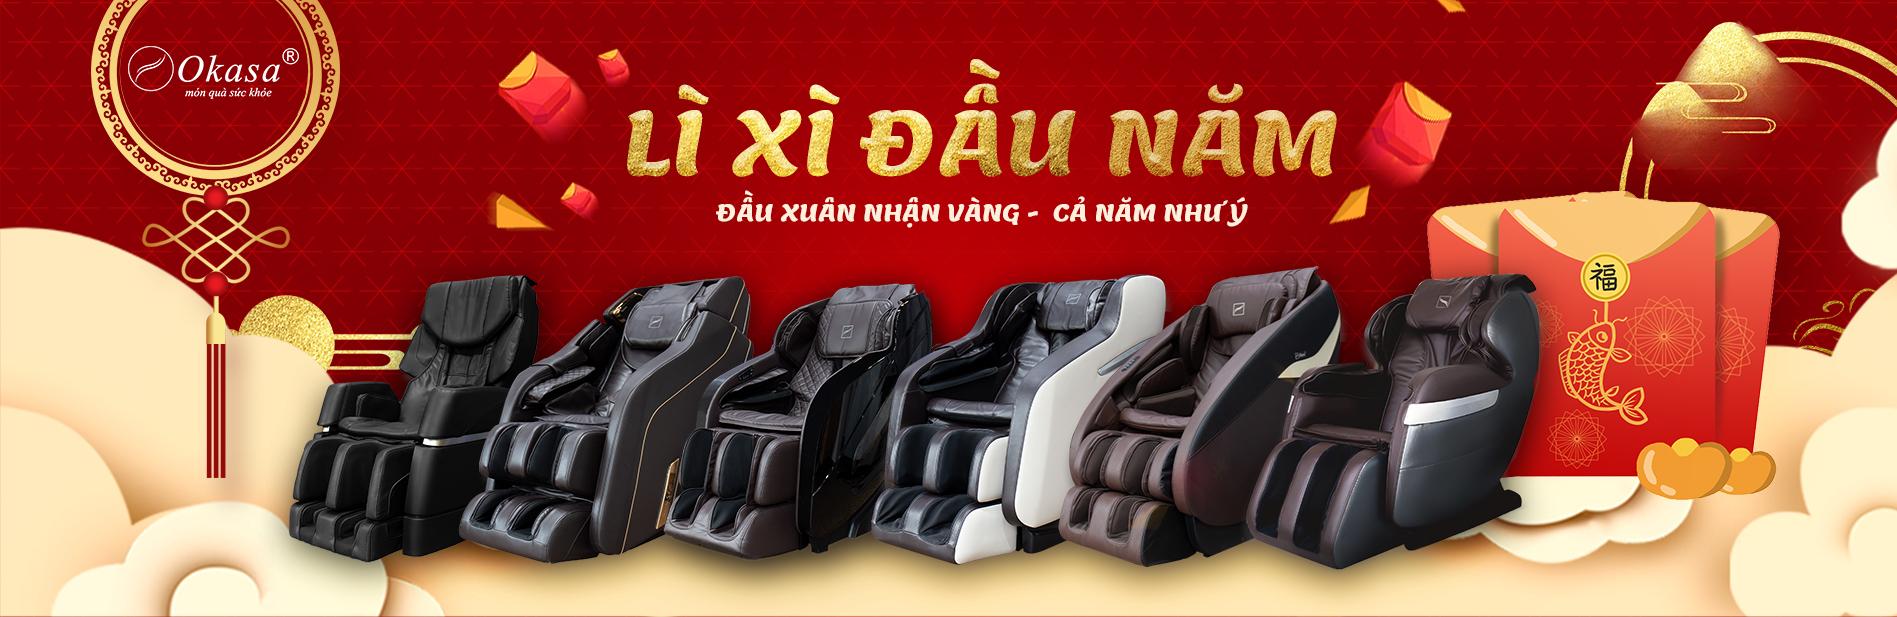 Mua ghế massage - Đầu xuân nhận vàng - cả năm như ý